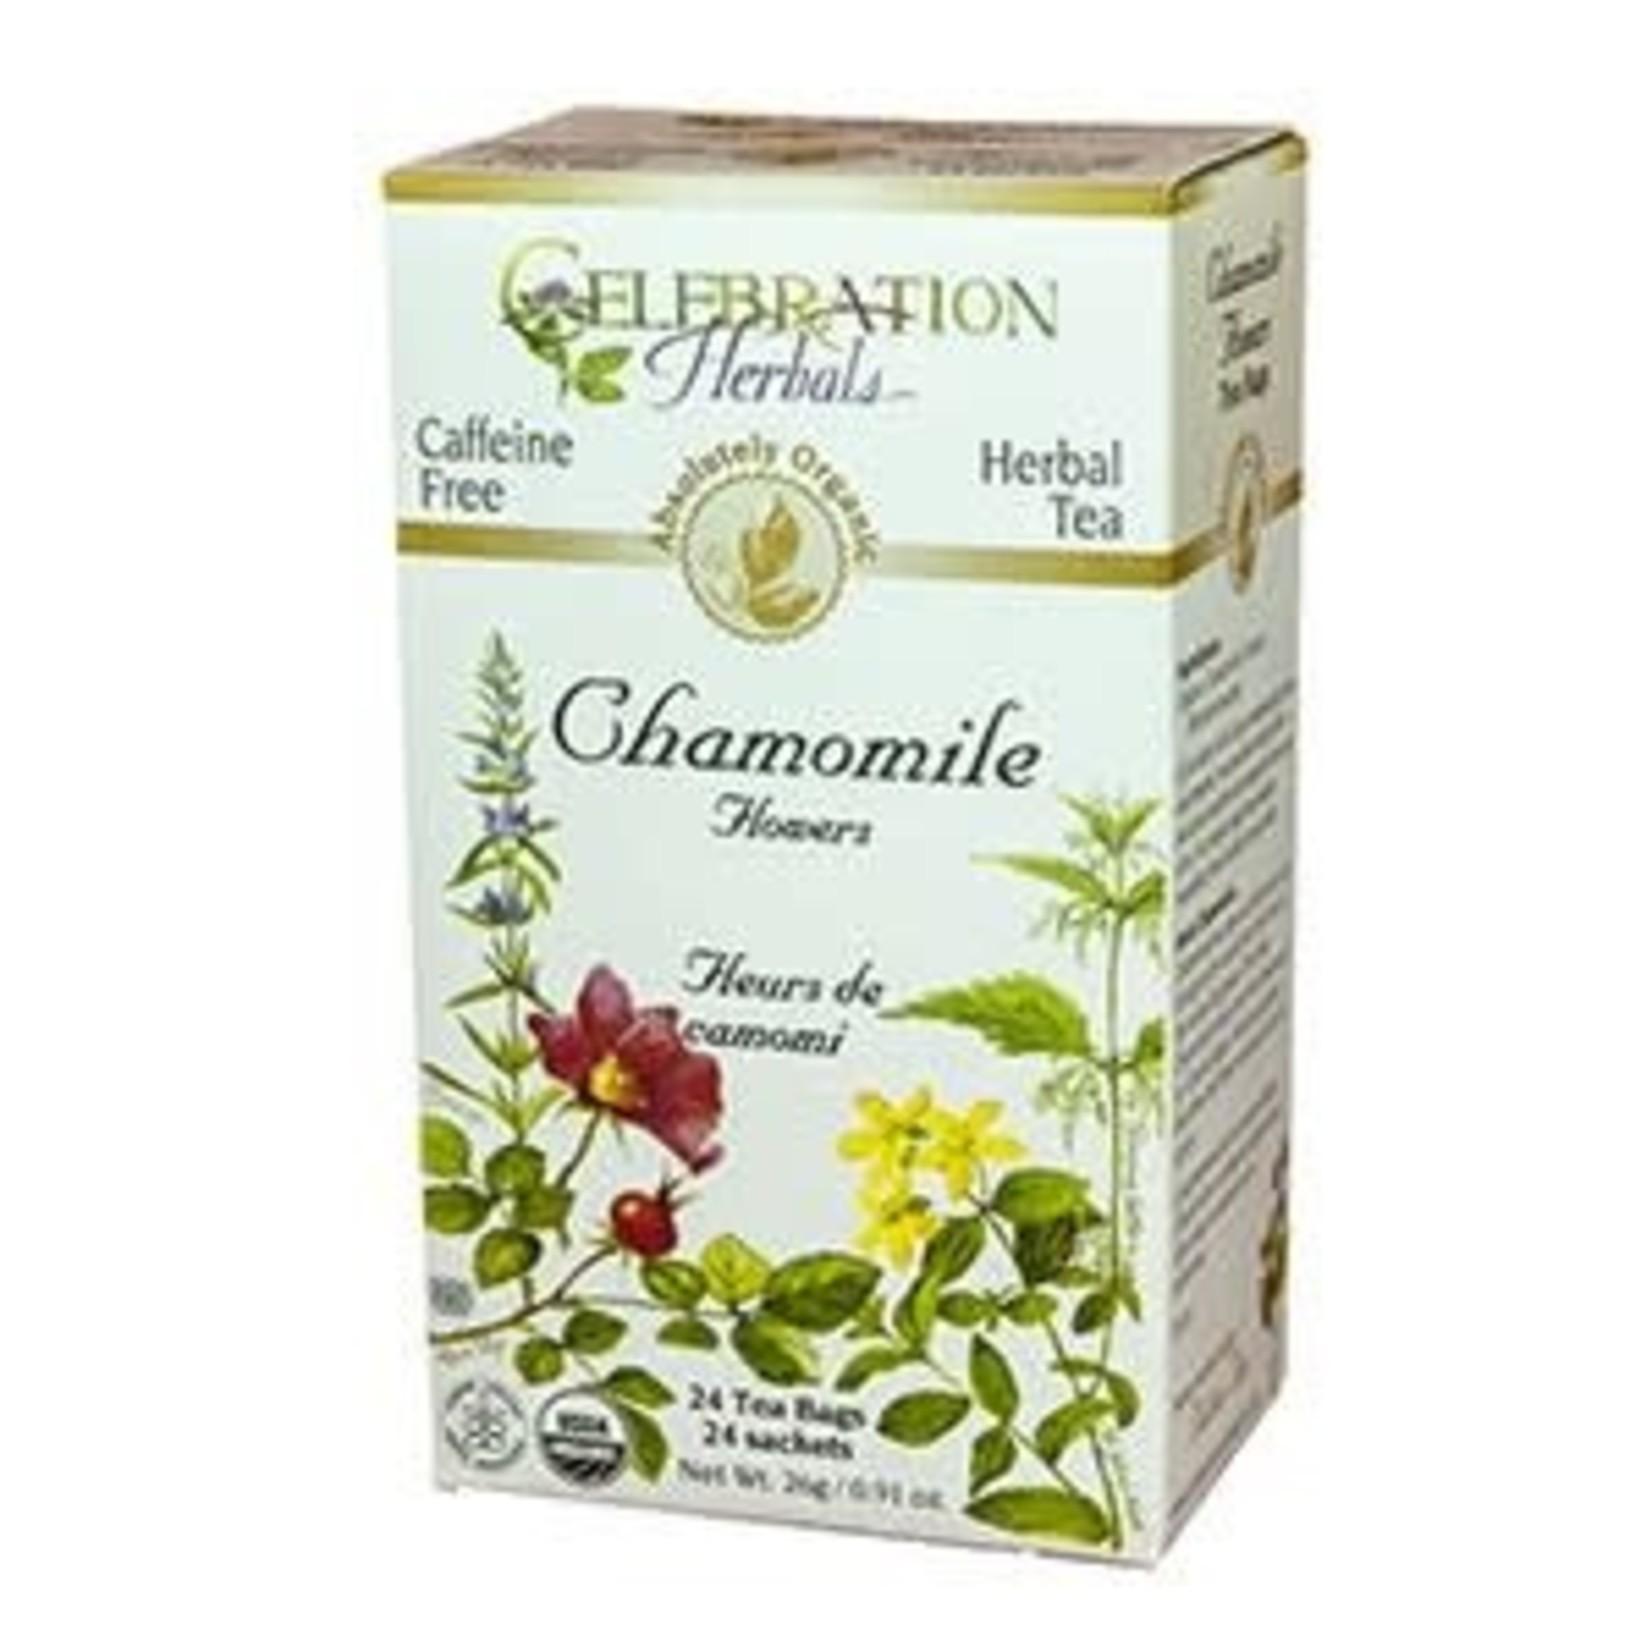 Celebration Herbals Celebration Herbals Chamomile Tea 24 Tea Bags